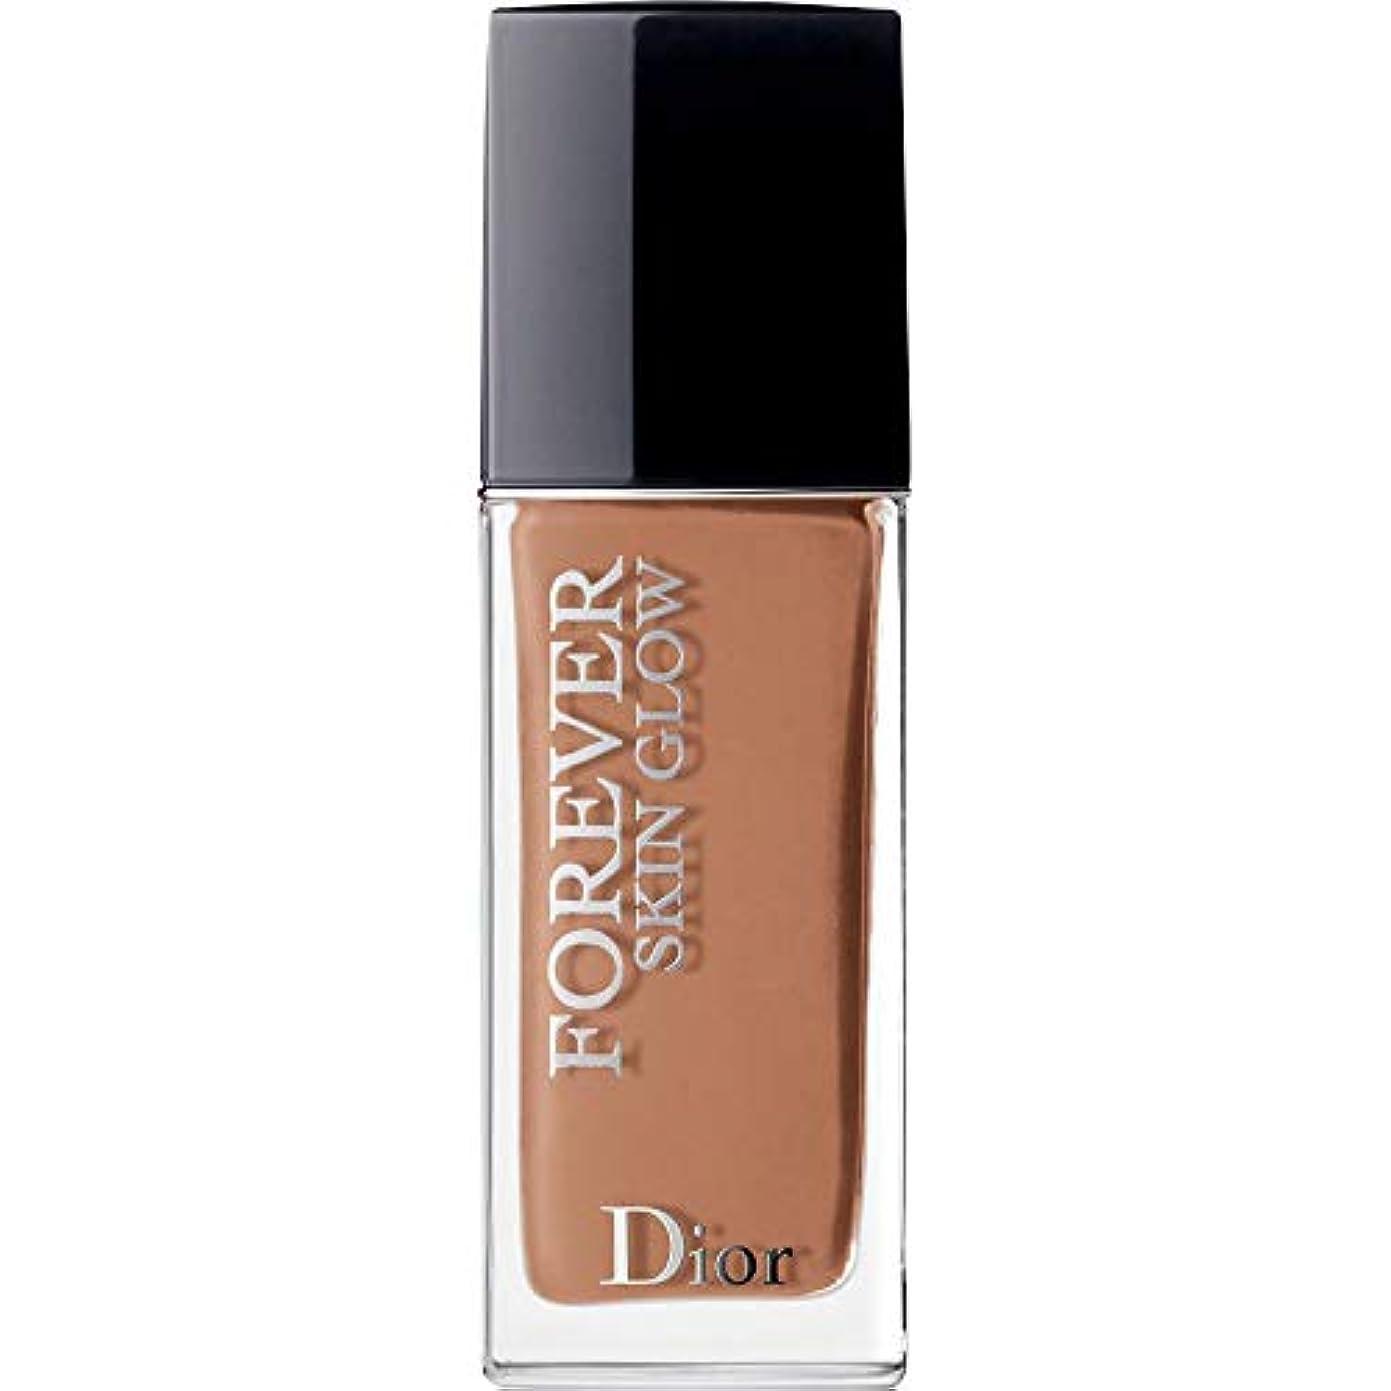 推論バスルーム同様に[DIOR] ディオール永遠に皮膚グロー皮膚思いやりの基礎Spf35 30ミリリットルの5N - ニュートラル(肌の輝き) - DIOR Forever Skin Glow Skin-Caring Foundation SPF35 30ml 5N - Neutral (Skin Glow) [並行輸入品]